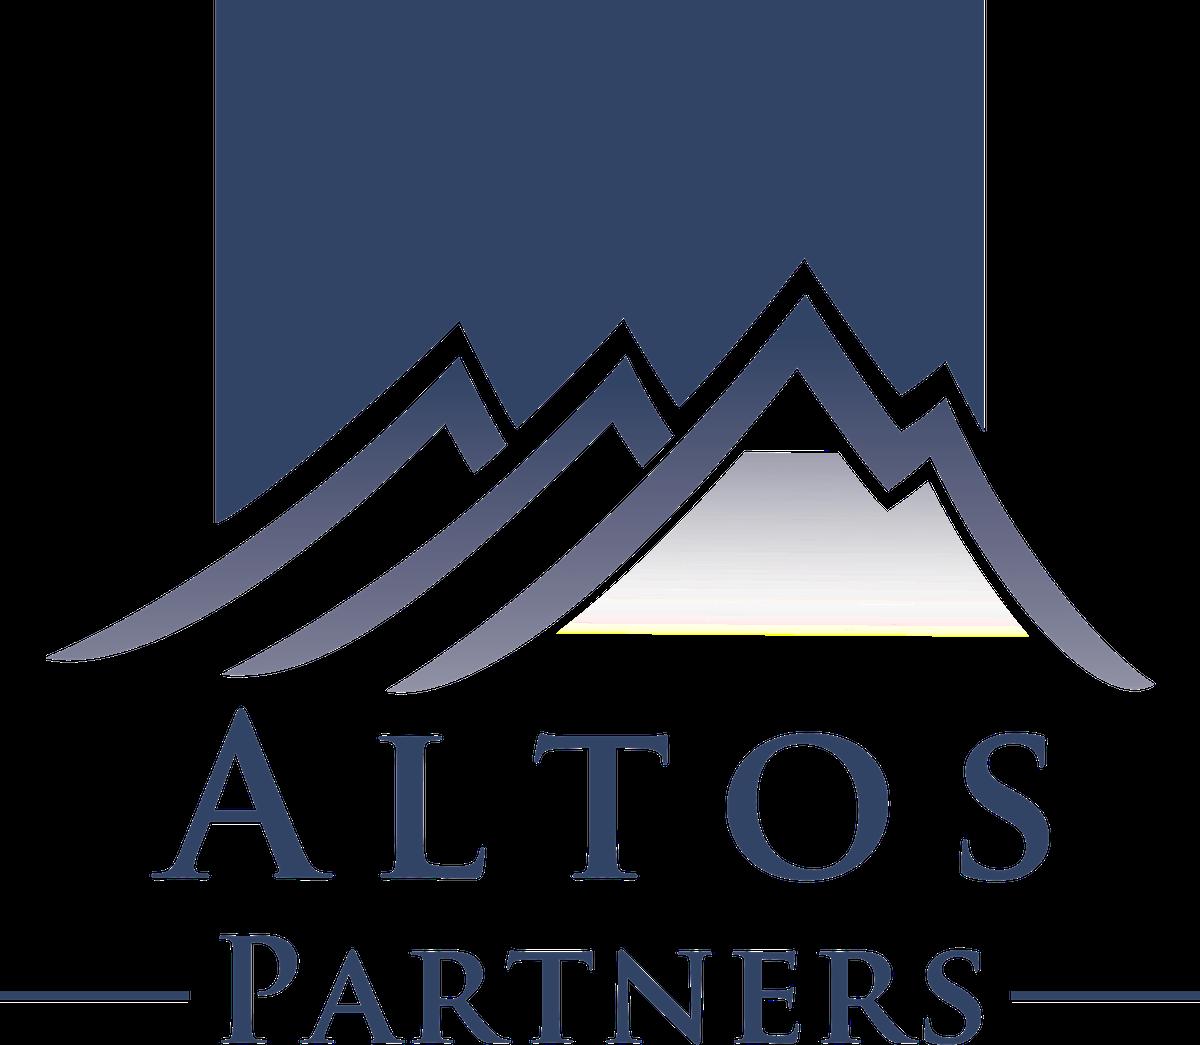 Altering logo